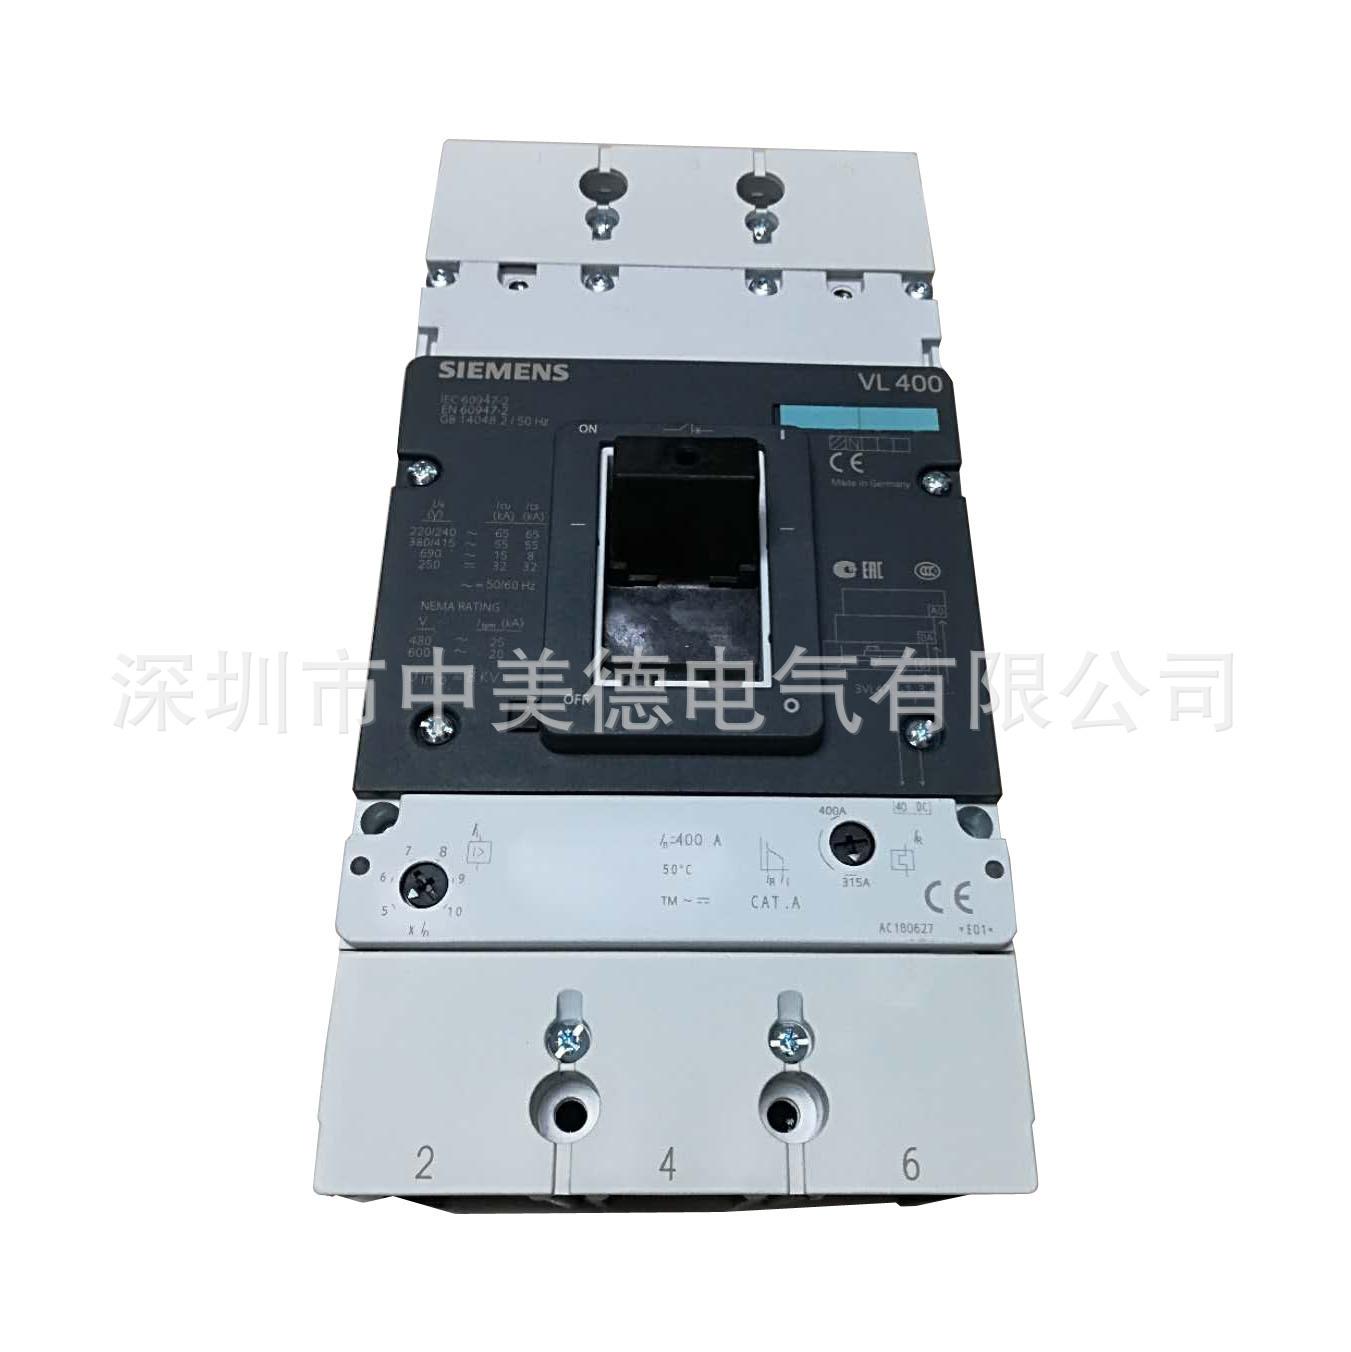 Được rồi... Đức mới ráp xong nhập khẩu thiết bị phát hành 3VL4740-1DC36-0AA0 Siemens Breaker